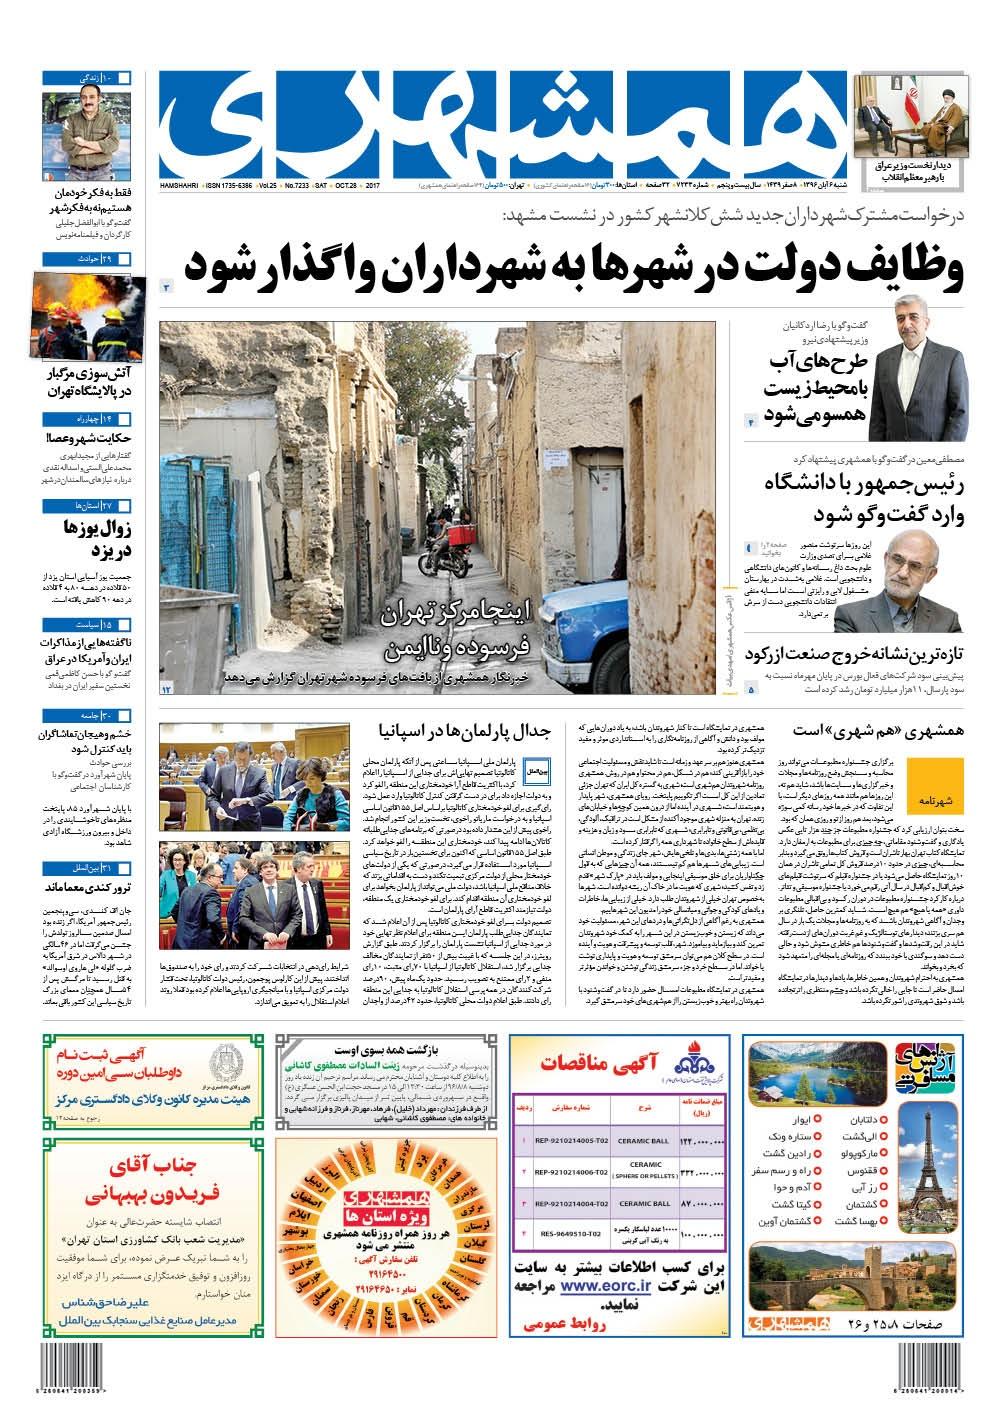 صفحه اول روزنامه ۶ آبان